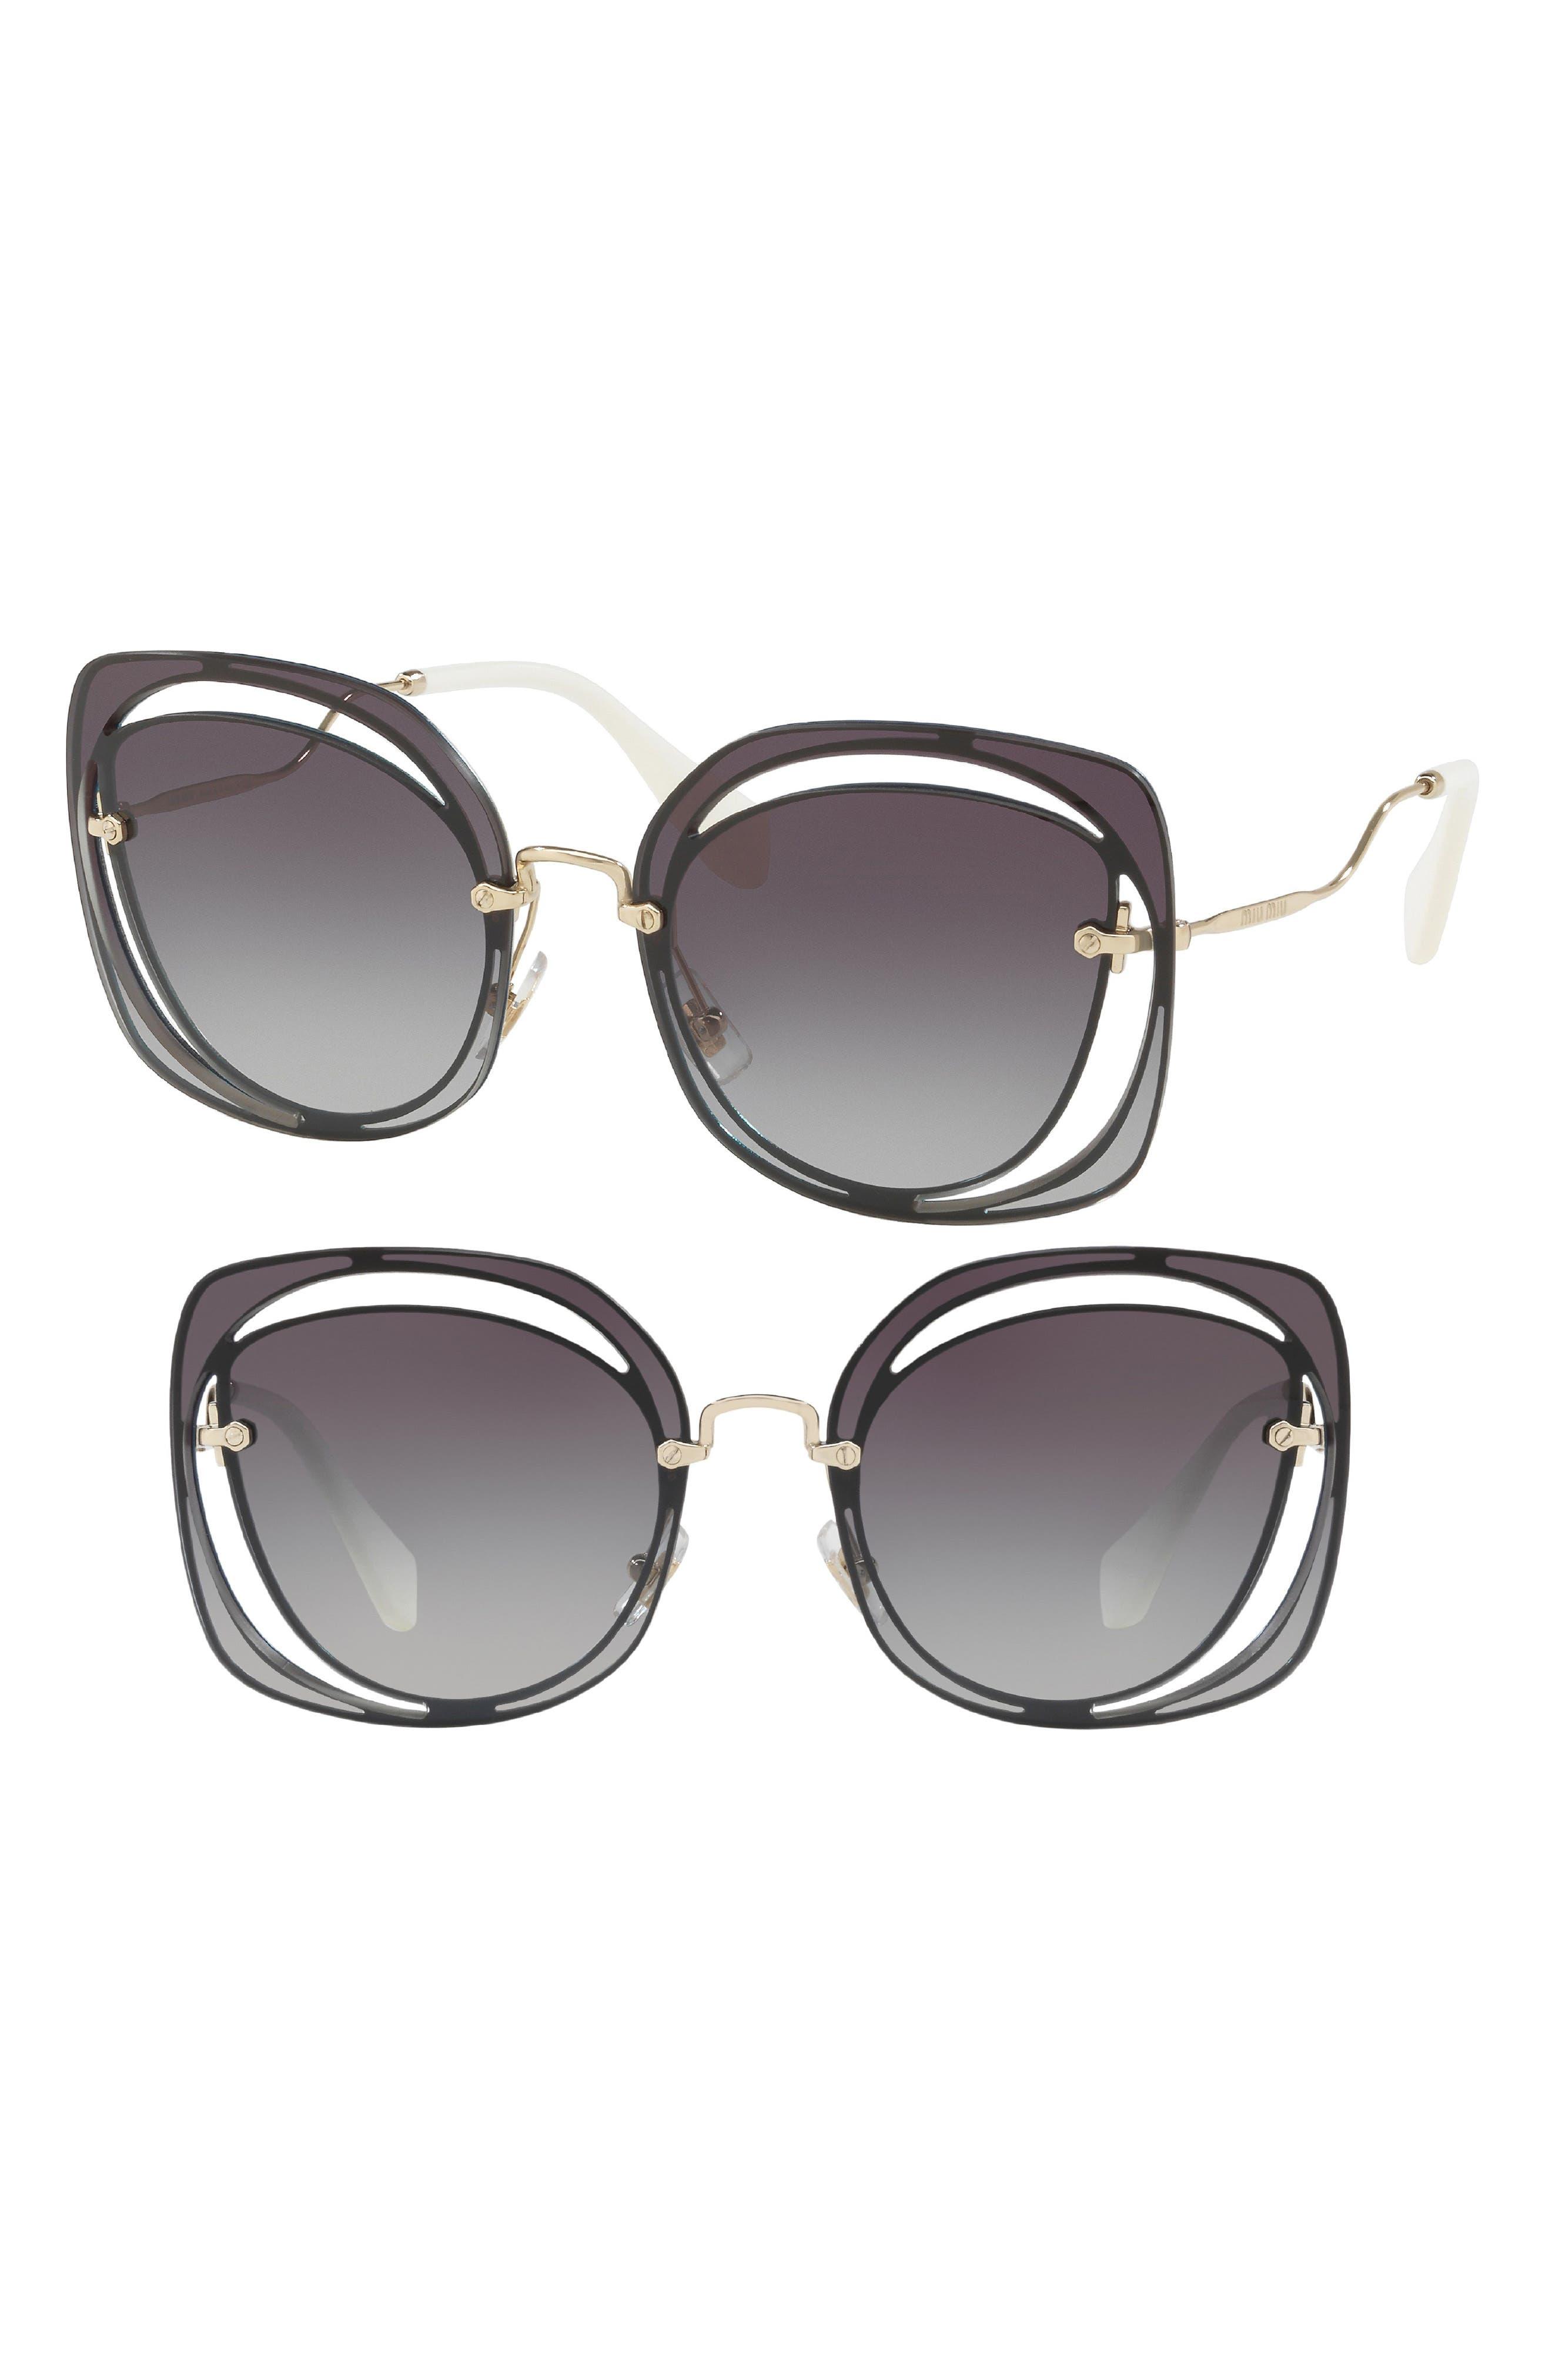 64mm Oversize Sunglasses,                         Main,                         color, Blue Gradient